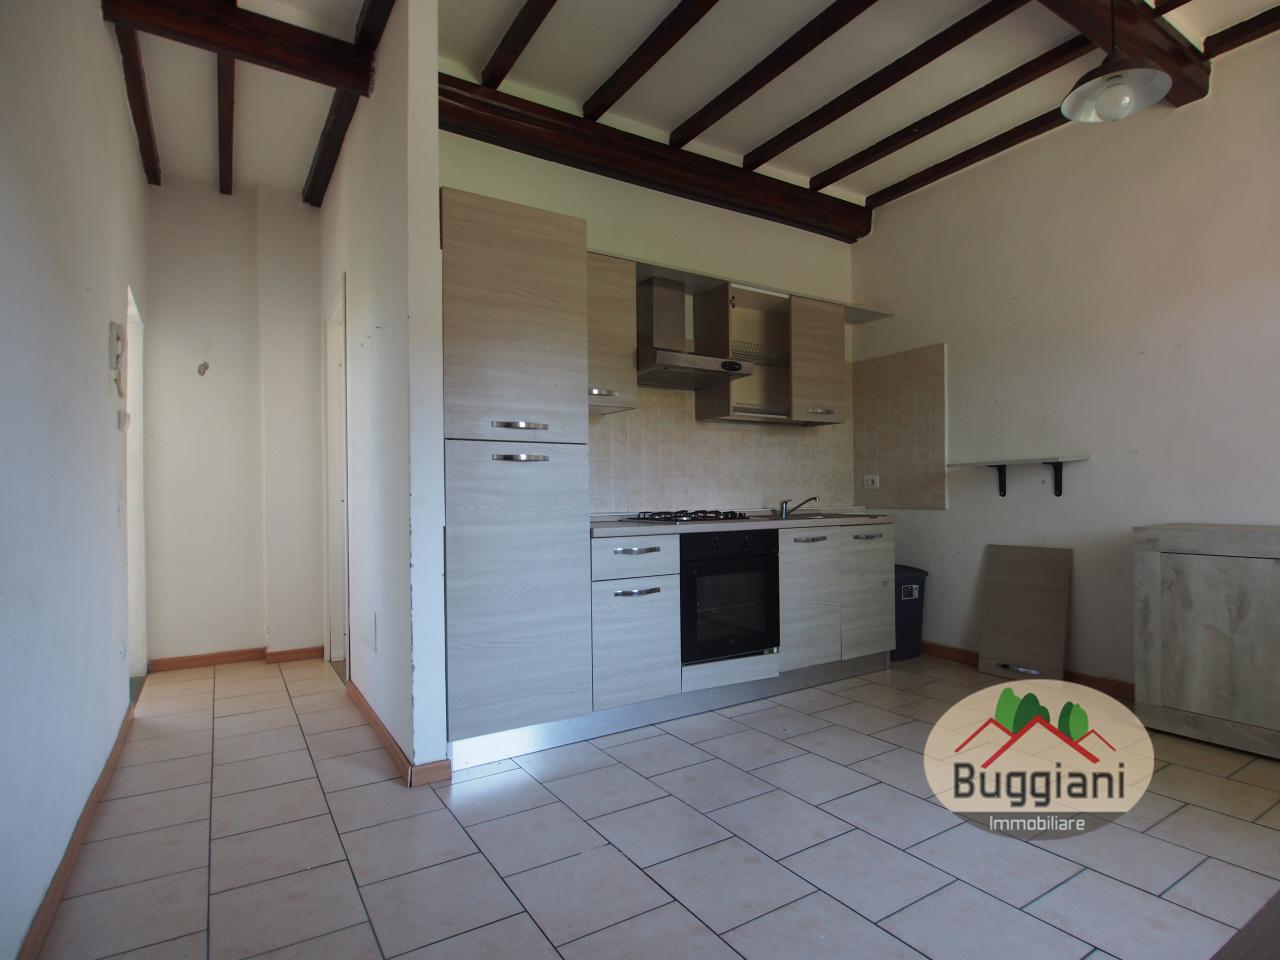 Appartamento in vendita RIF. 2161, San Miniato (PI)